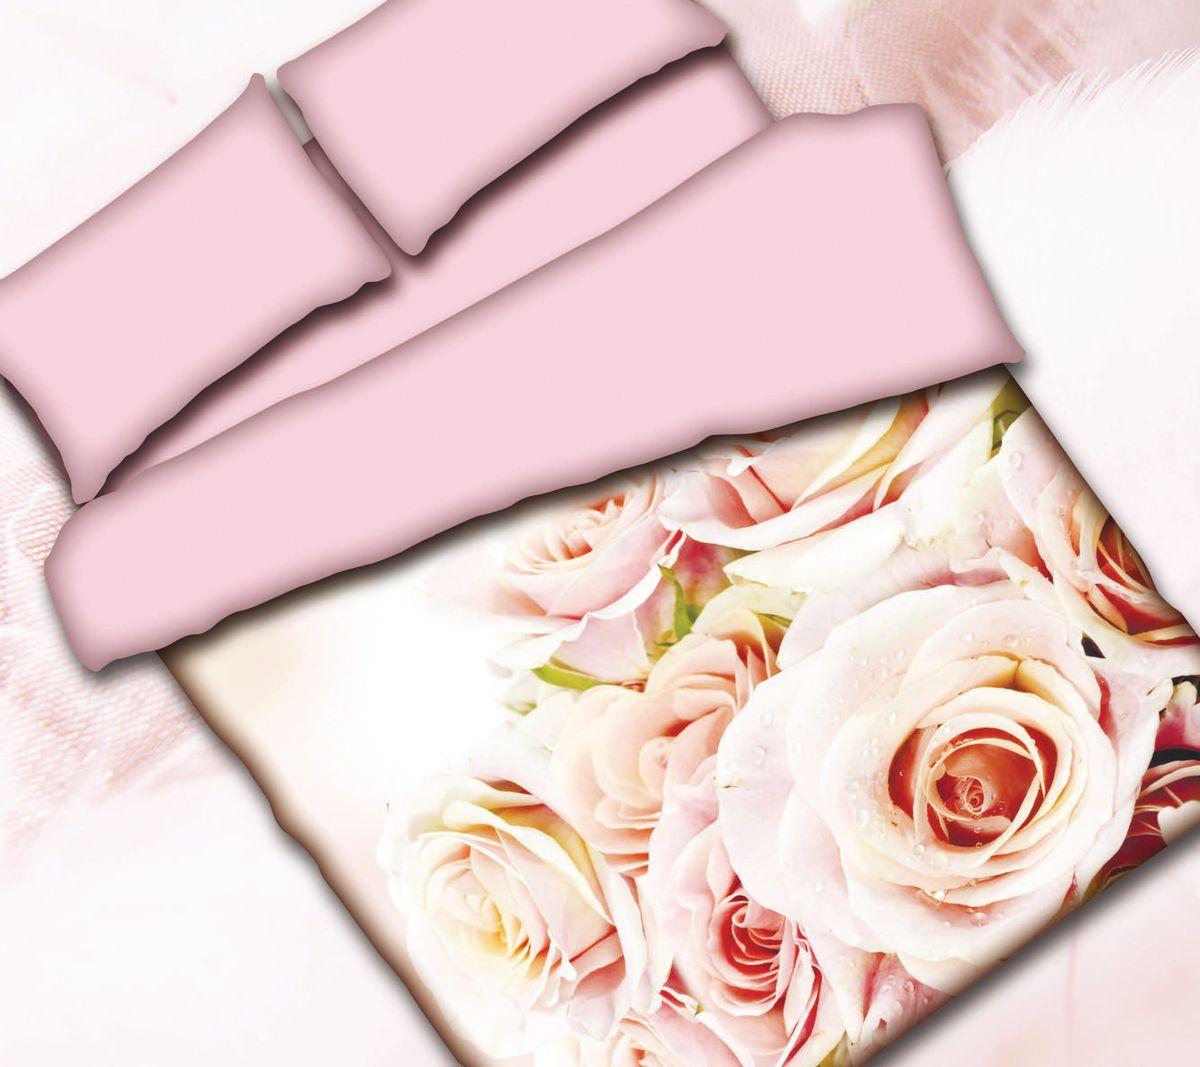 Комплект белья Коллекция Розы, 2,5-спальный, наволочки 50x70. СРП2,5/50/ОЗ/розыСРП2,5/50/ОЗ/розы